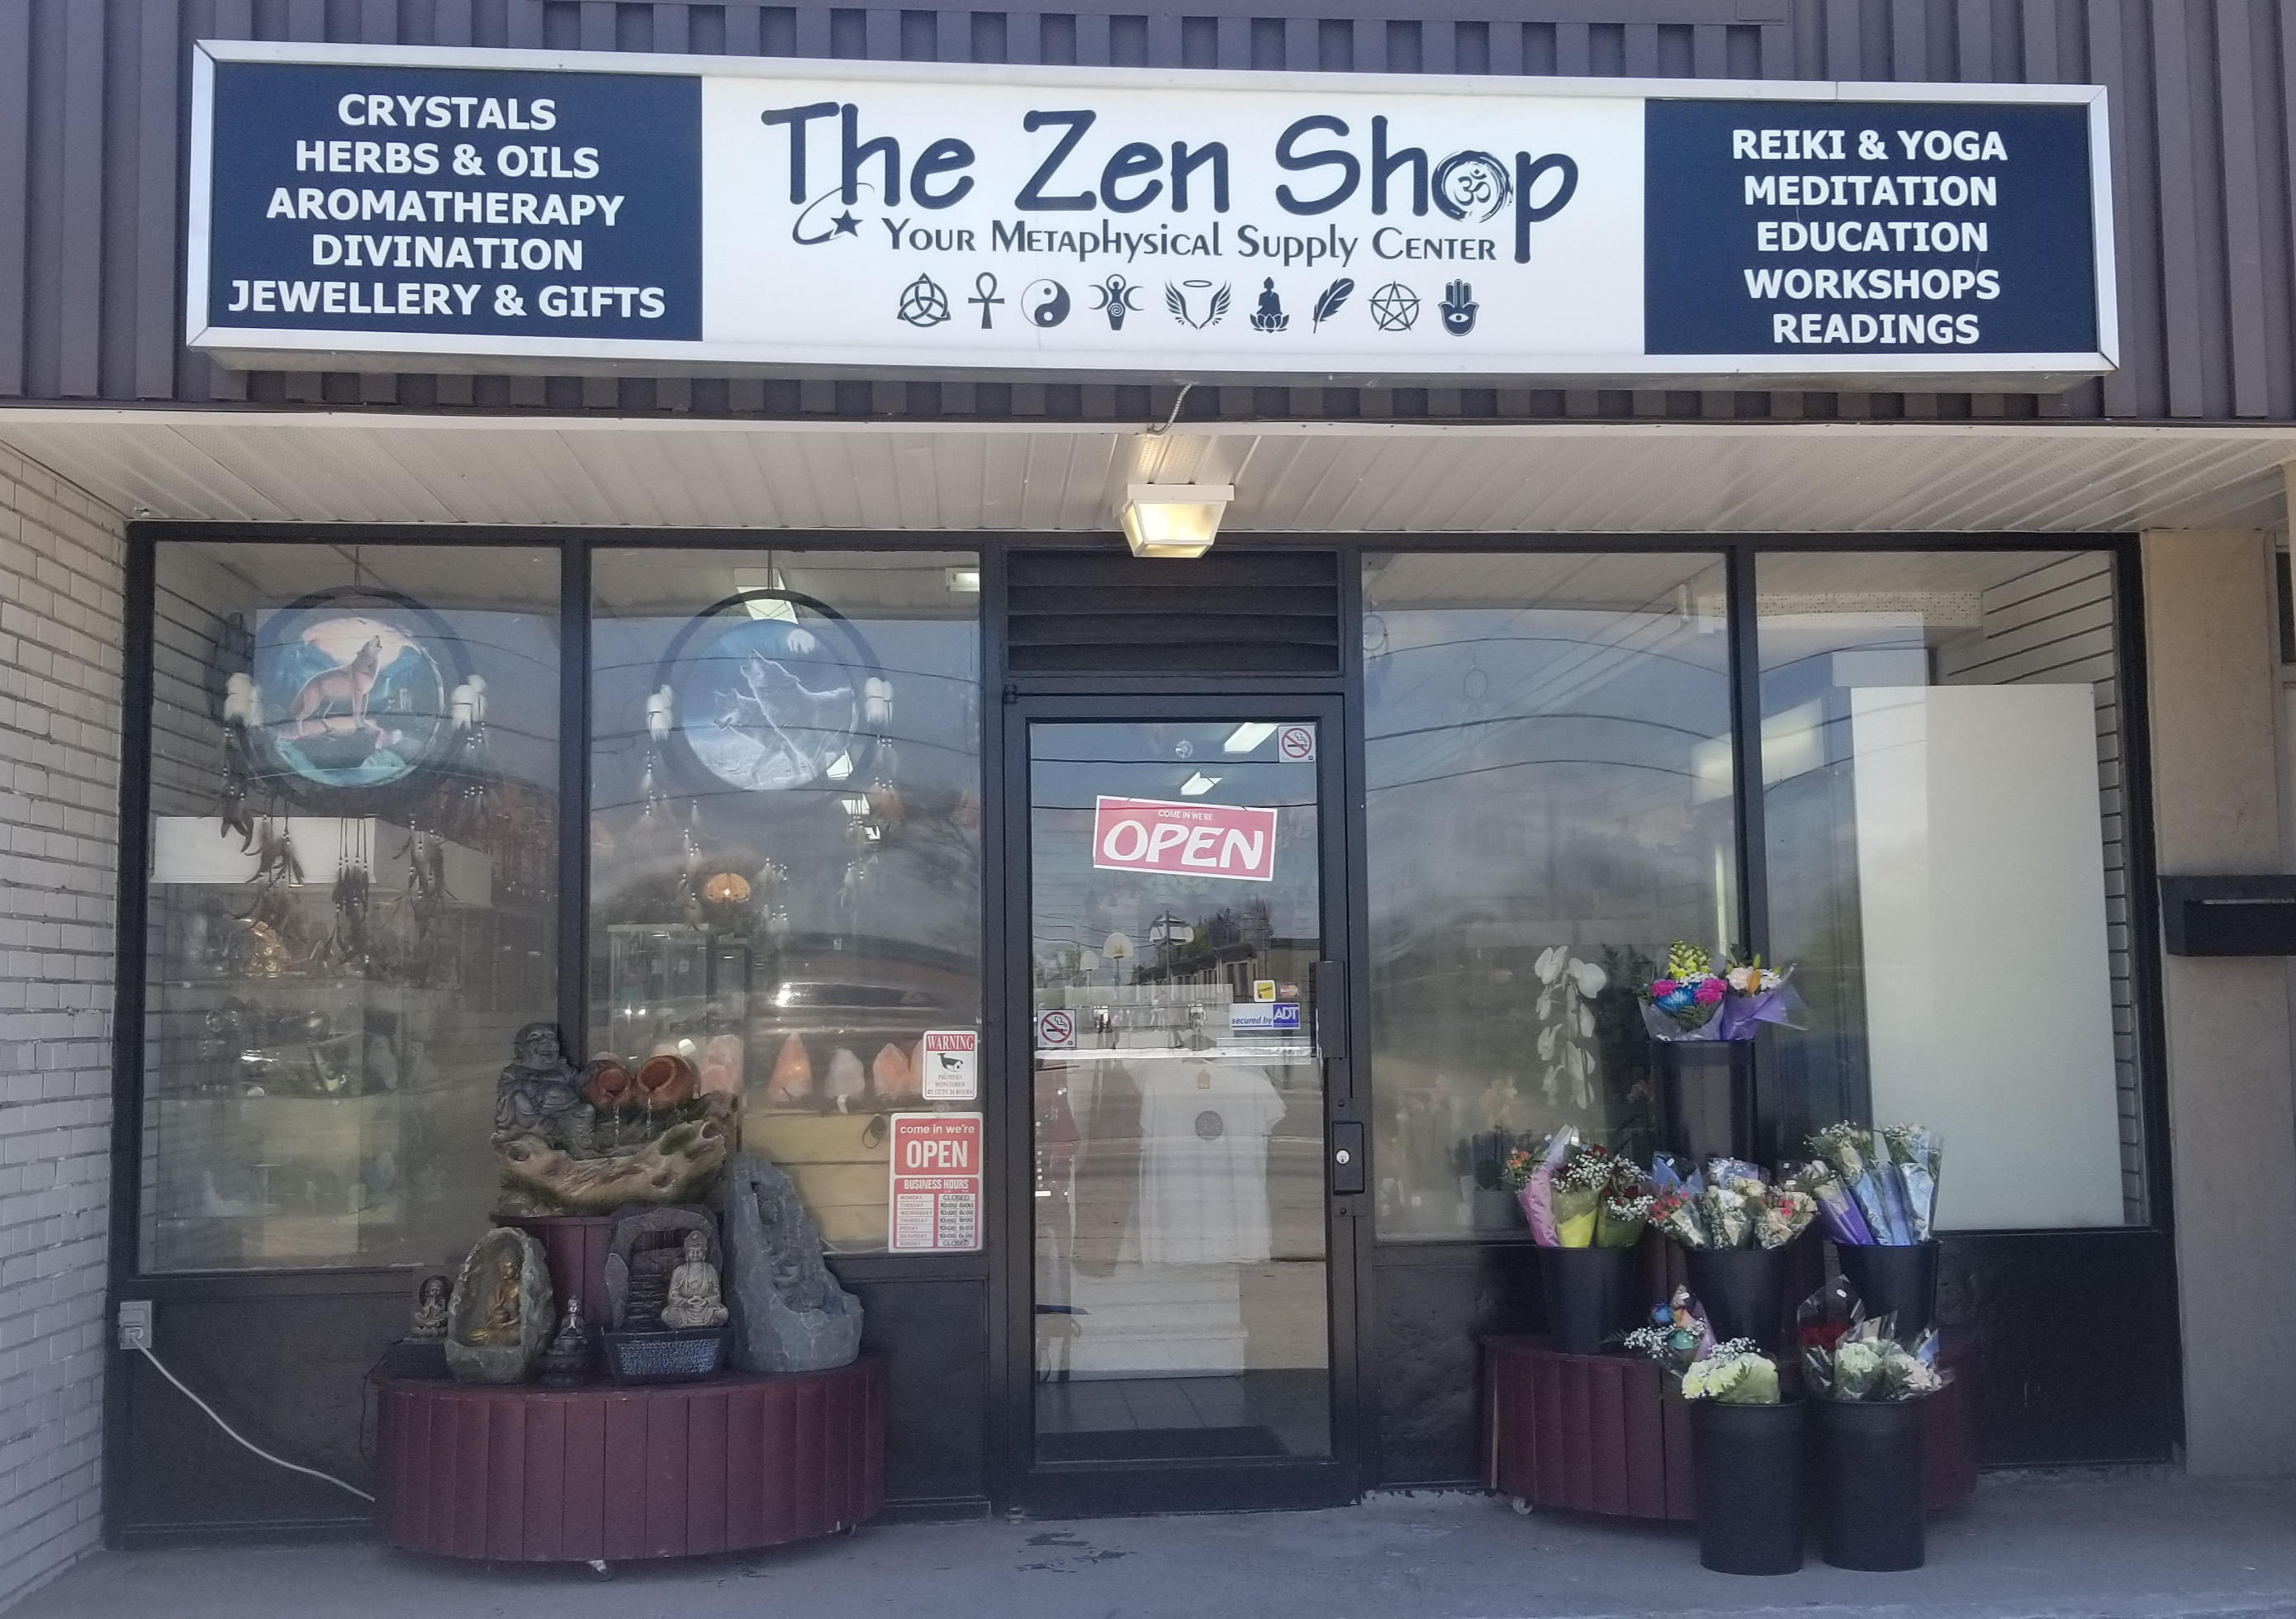 The Zen Shop